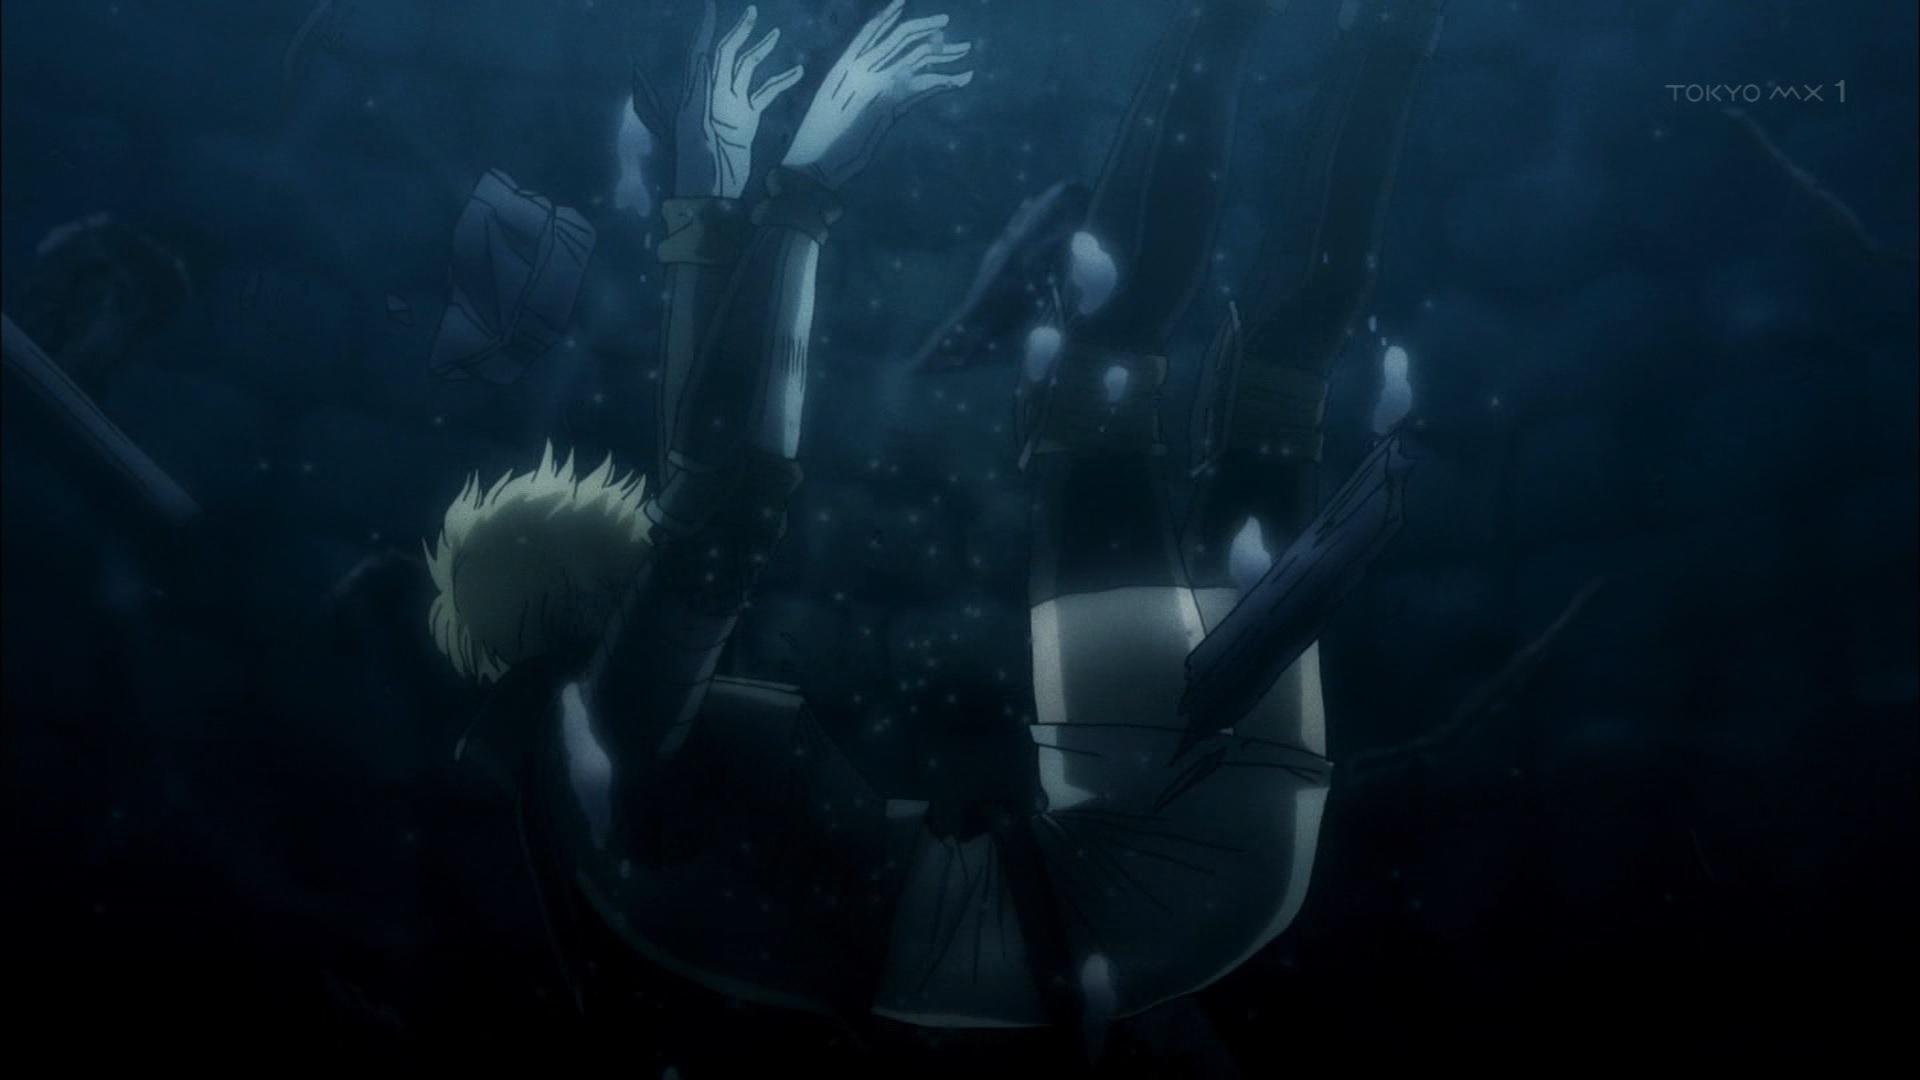 井戸に落ちるジャンヌダルク(第7話画像)